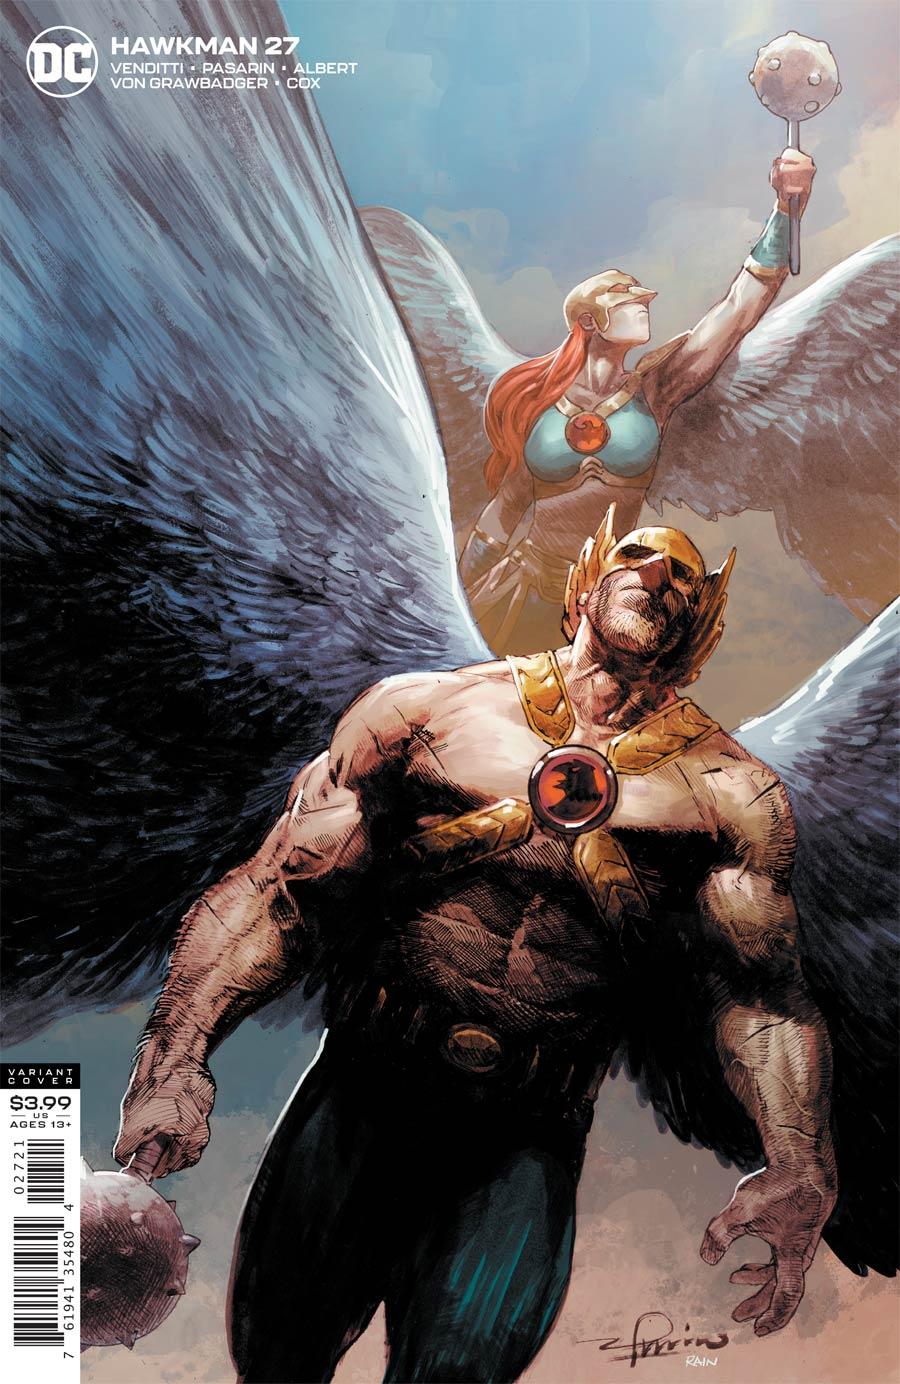 Hawkman Vol 5 #27 Cover B Variant Gerardo Zaffino Cover